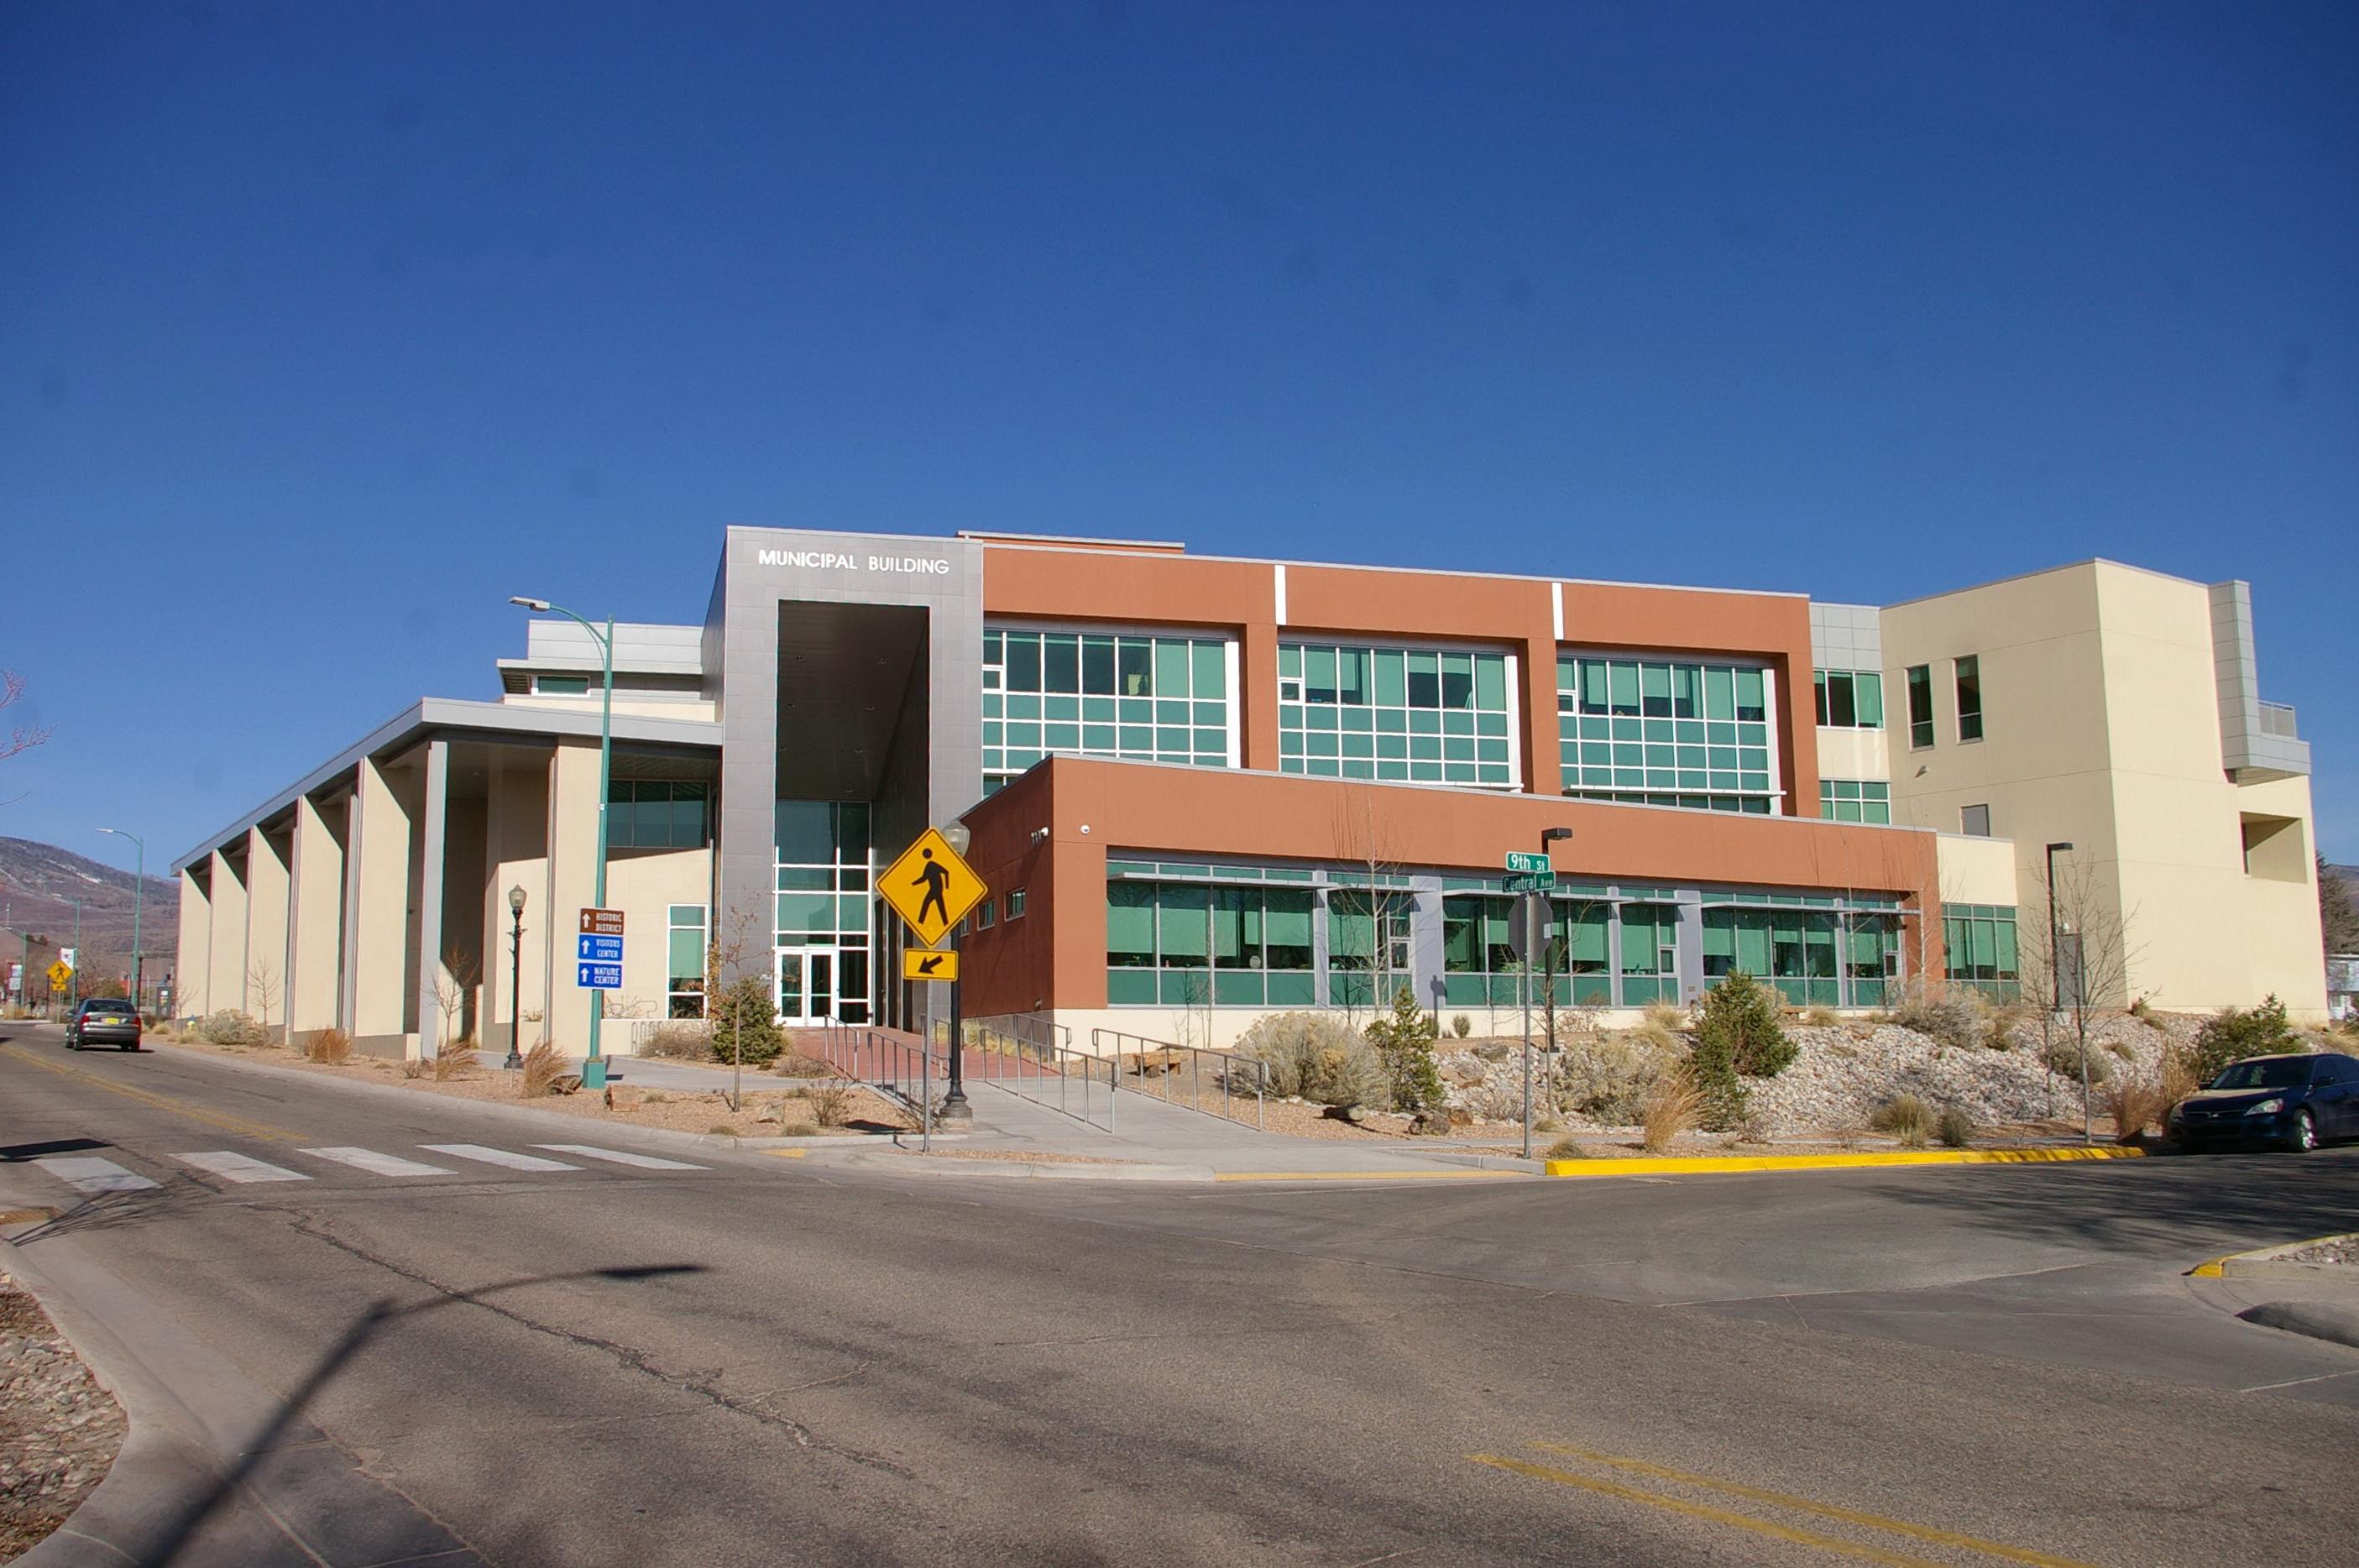 New mexico los alamos county los alamos - County Administration Los Alamos